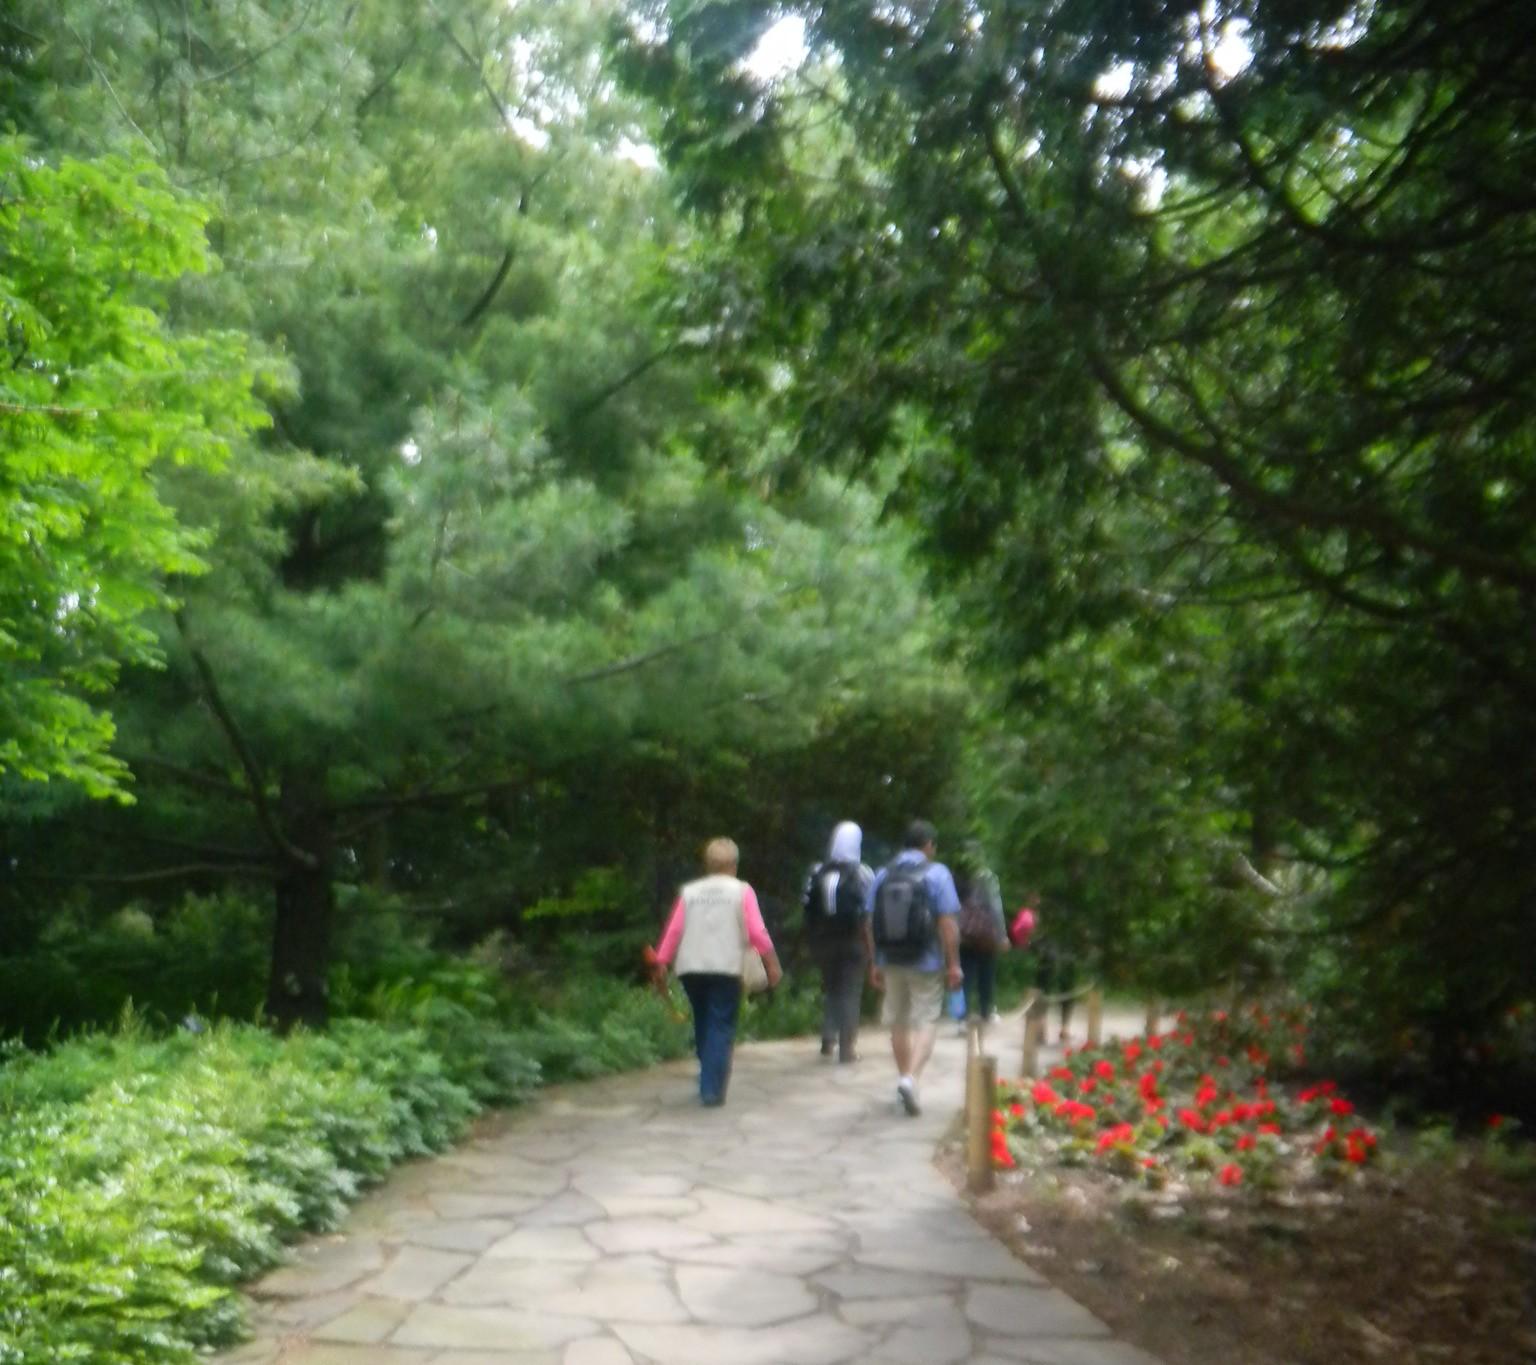 El jardin botanico de montreal for Chino el jardin